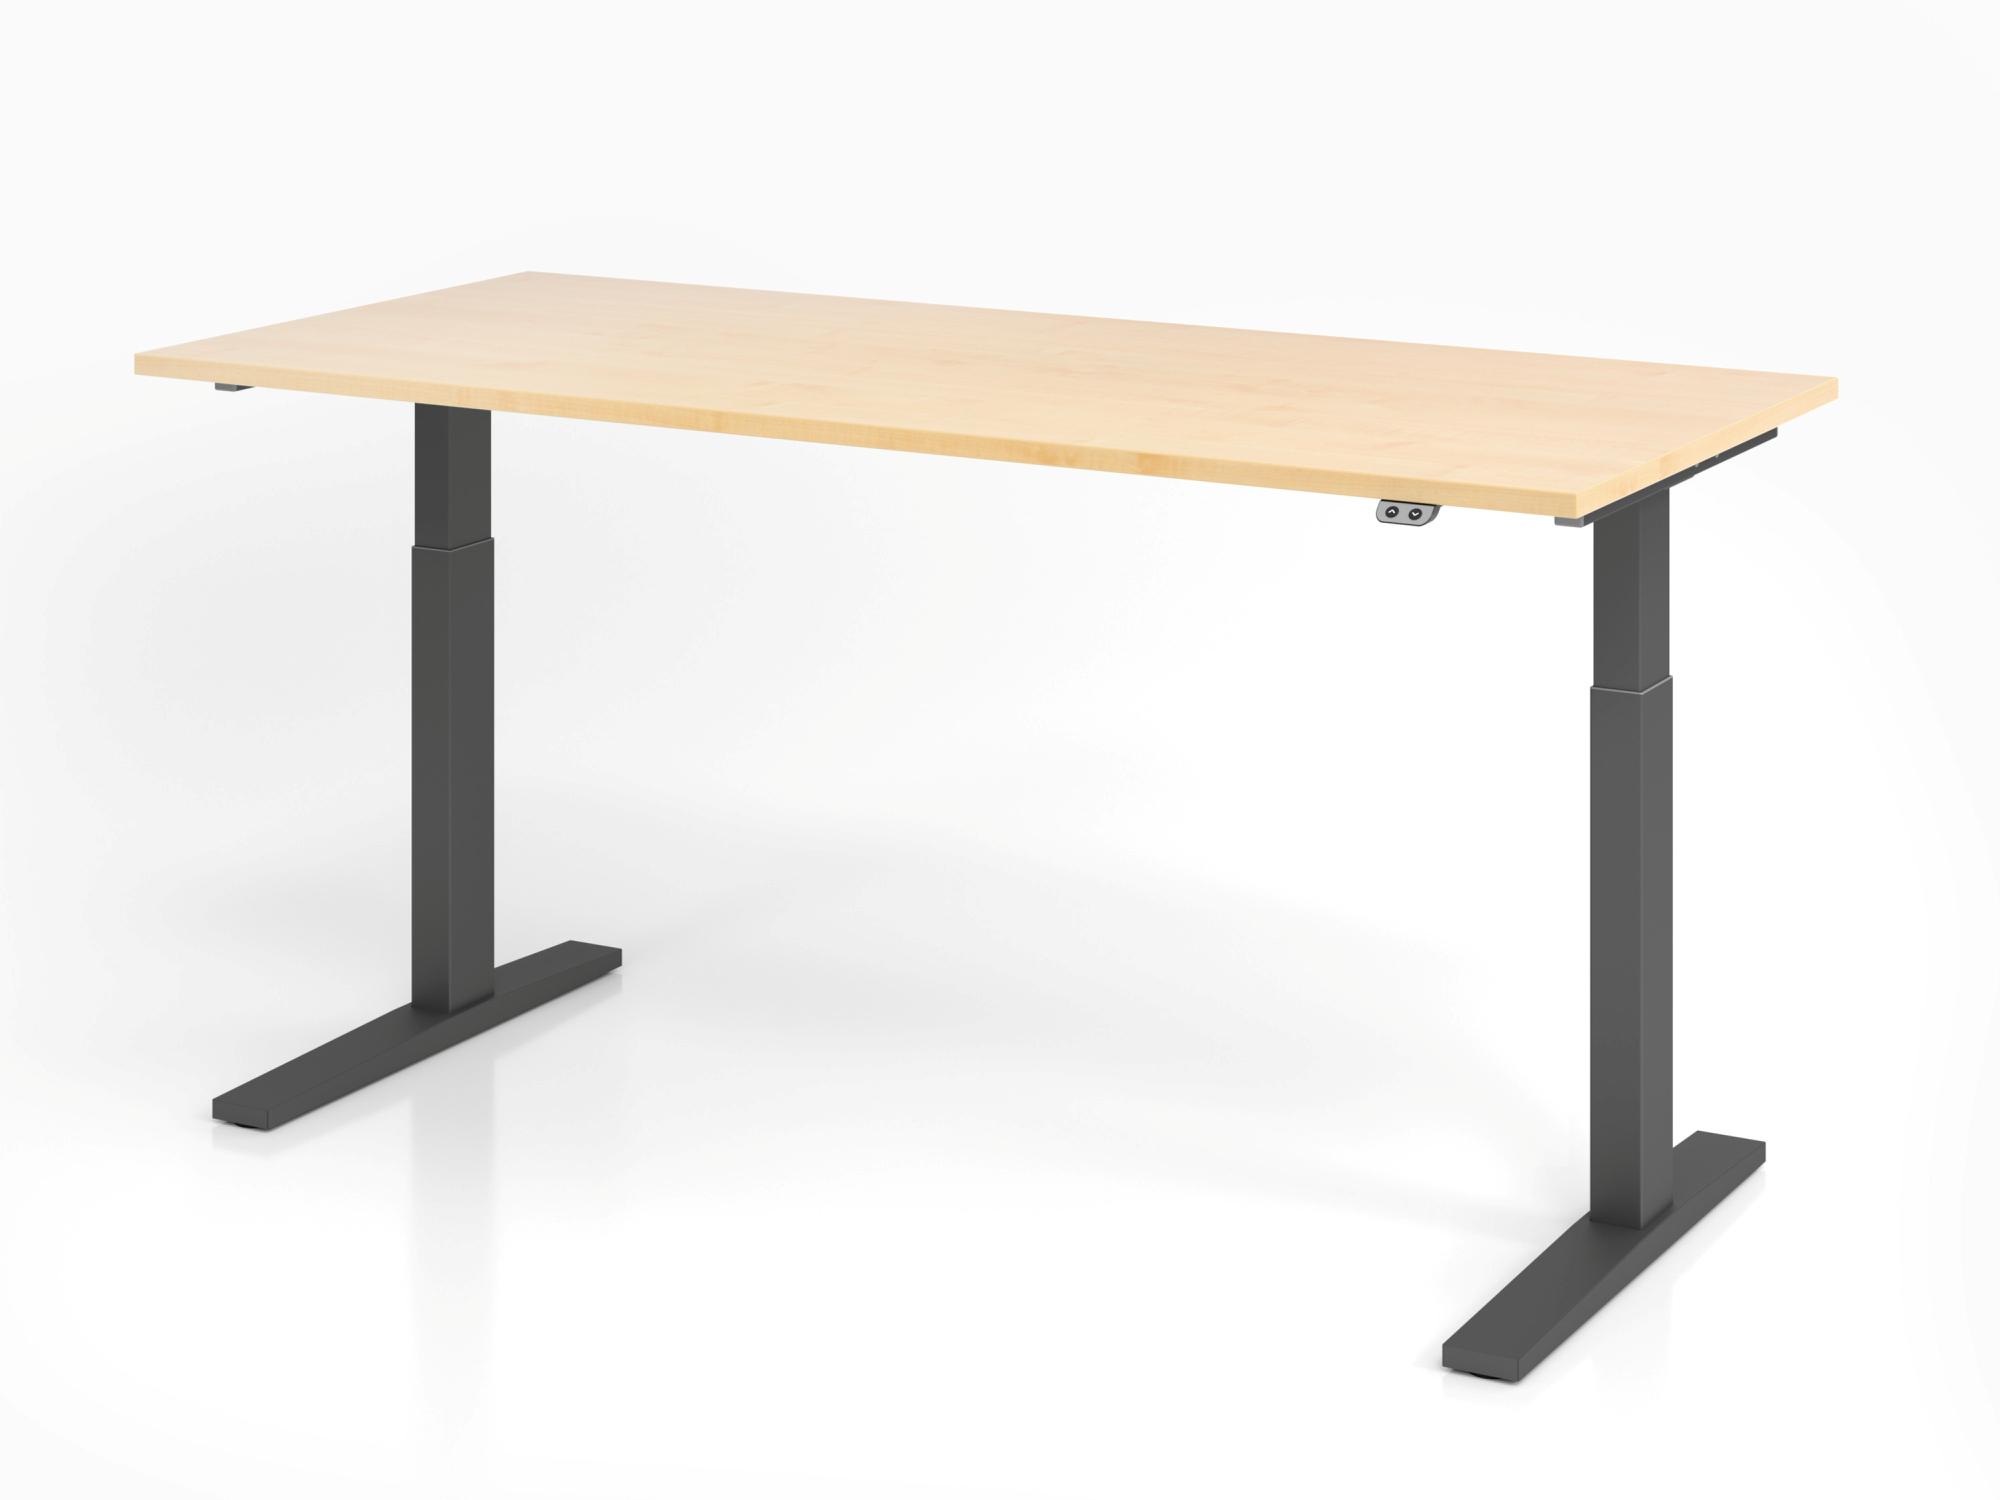 Sitz-Steh-Schreibtisch el. 180x80cm Ahorn